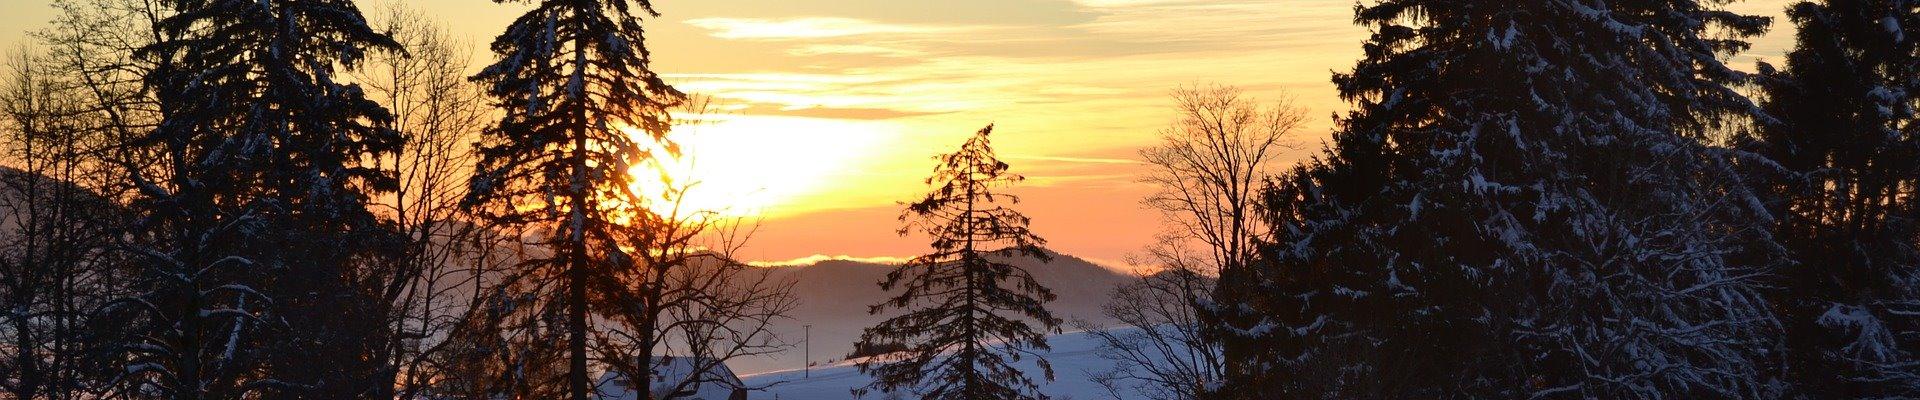 Griesbachhof Slider: Sonnenuntergang im Schwarzwaldwinter